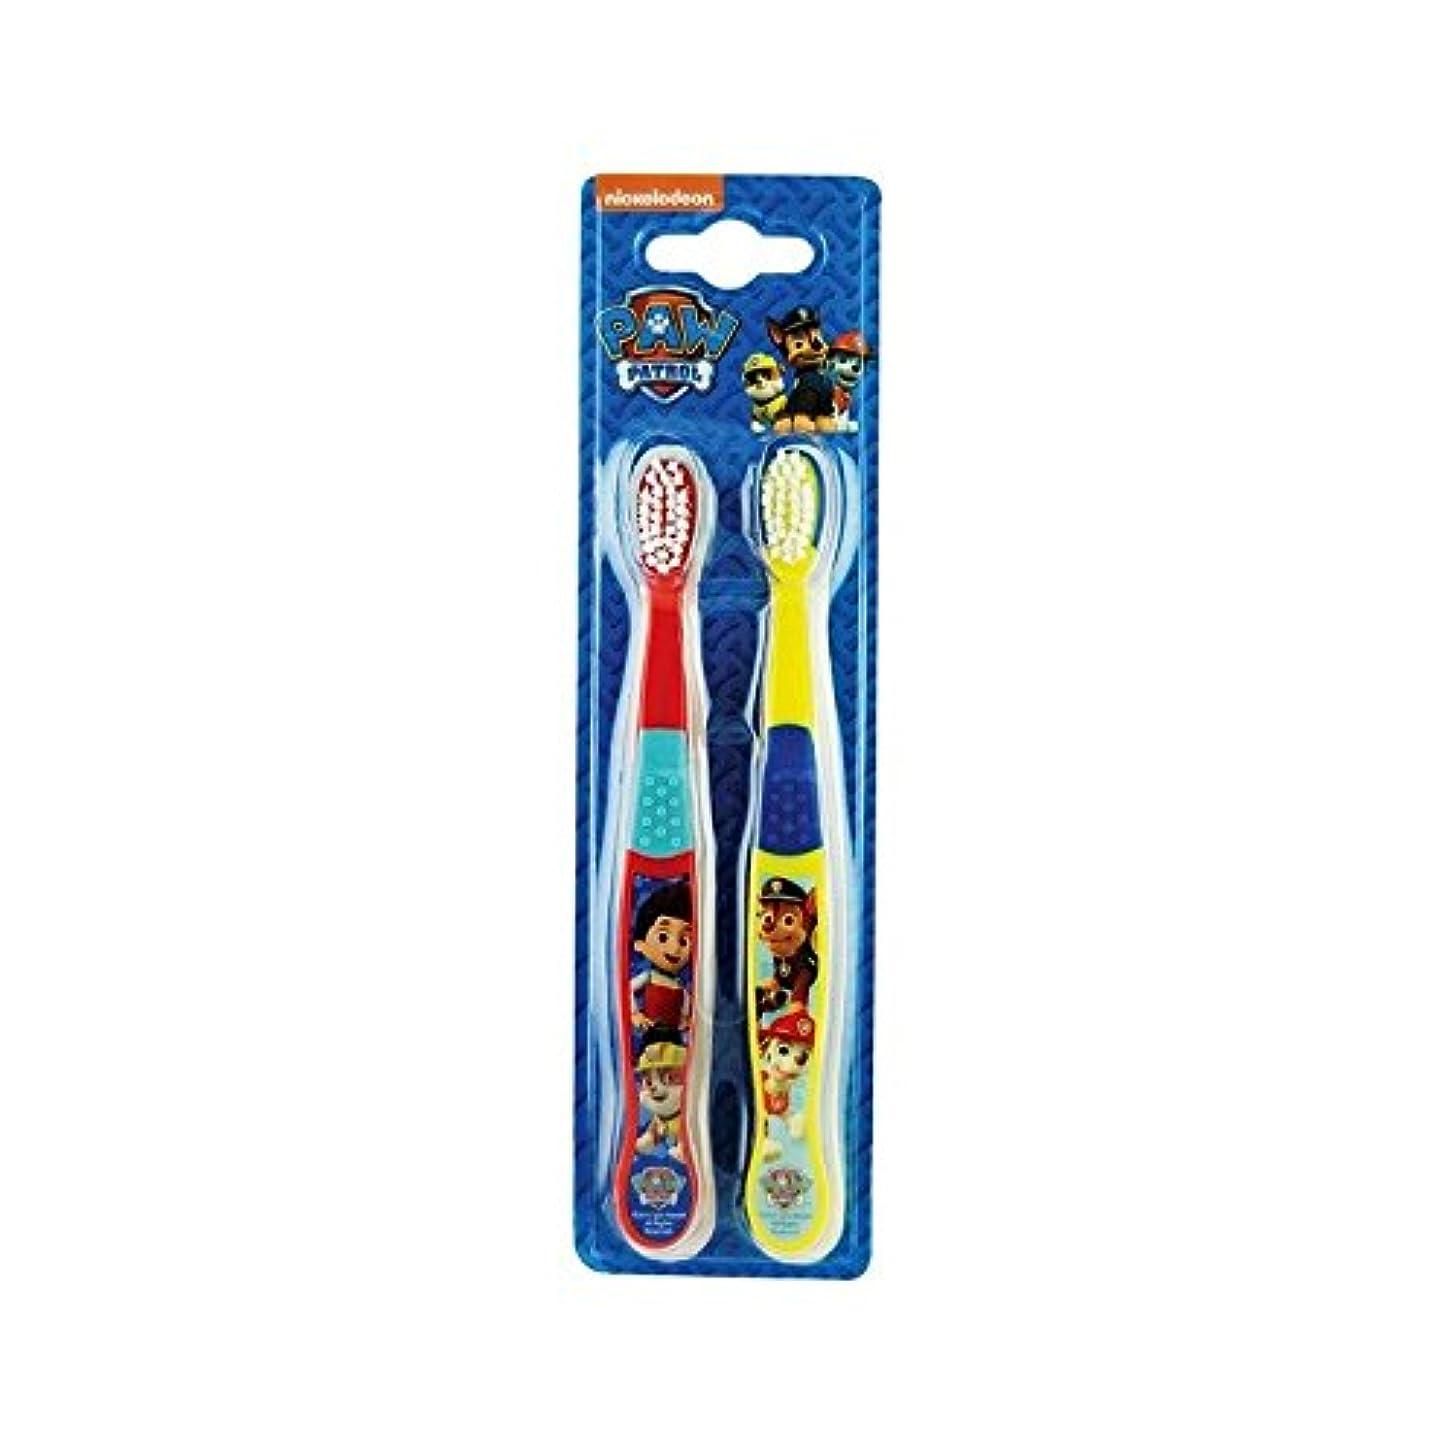 静める修理工悪党1パックツイン歯ブラシ2 (Paw Patrol) (x 2) - Paw Patrol Twin Toothbrush 2 per pack (Pack of 2) [並行輸入品]